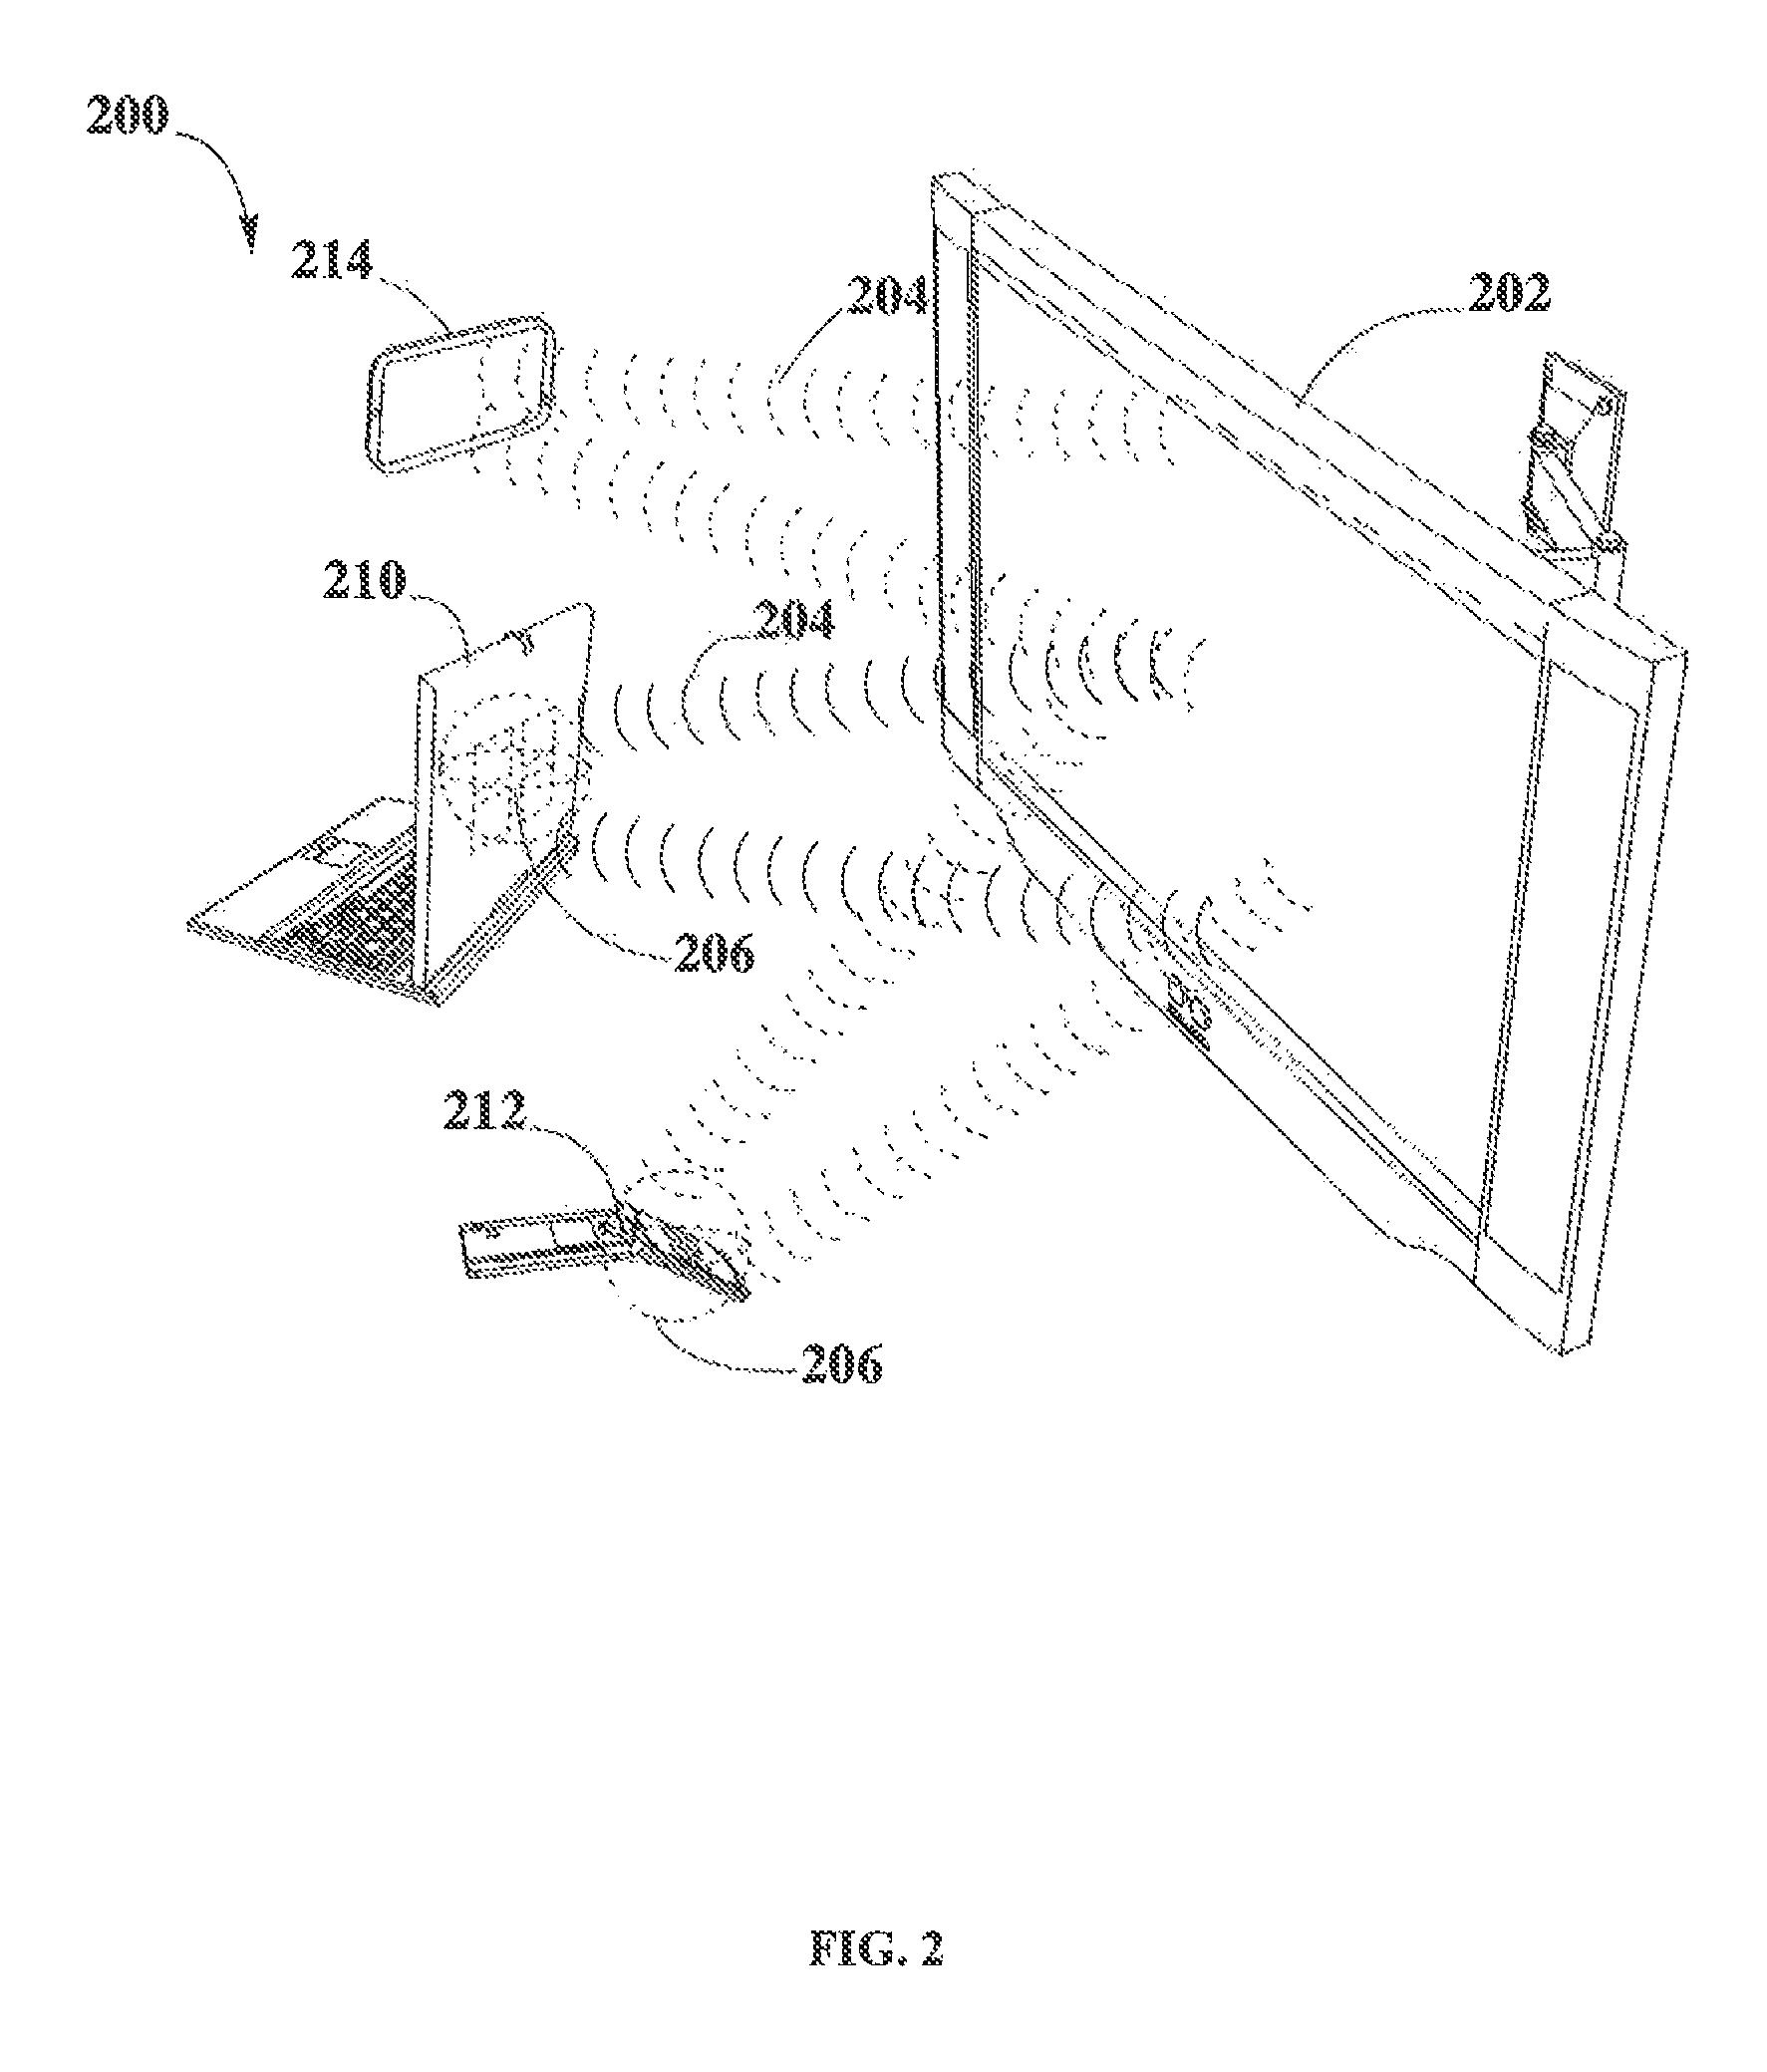 Raven 440 Wiring Diagram - Data Wiring Diagrams on